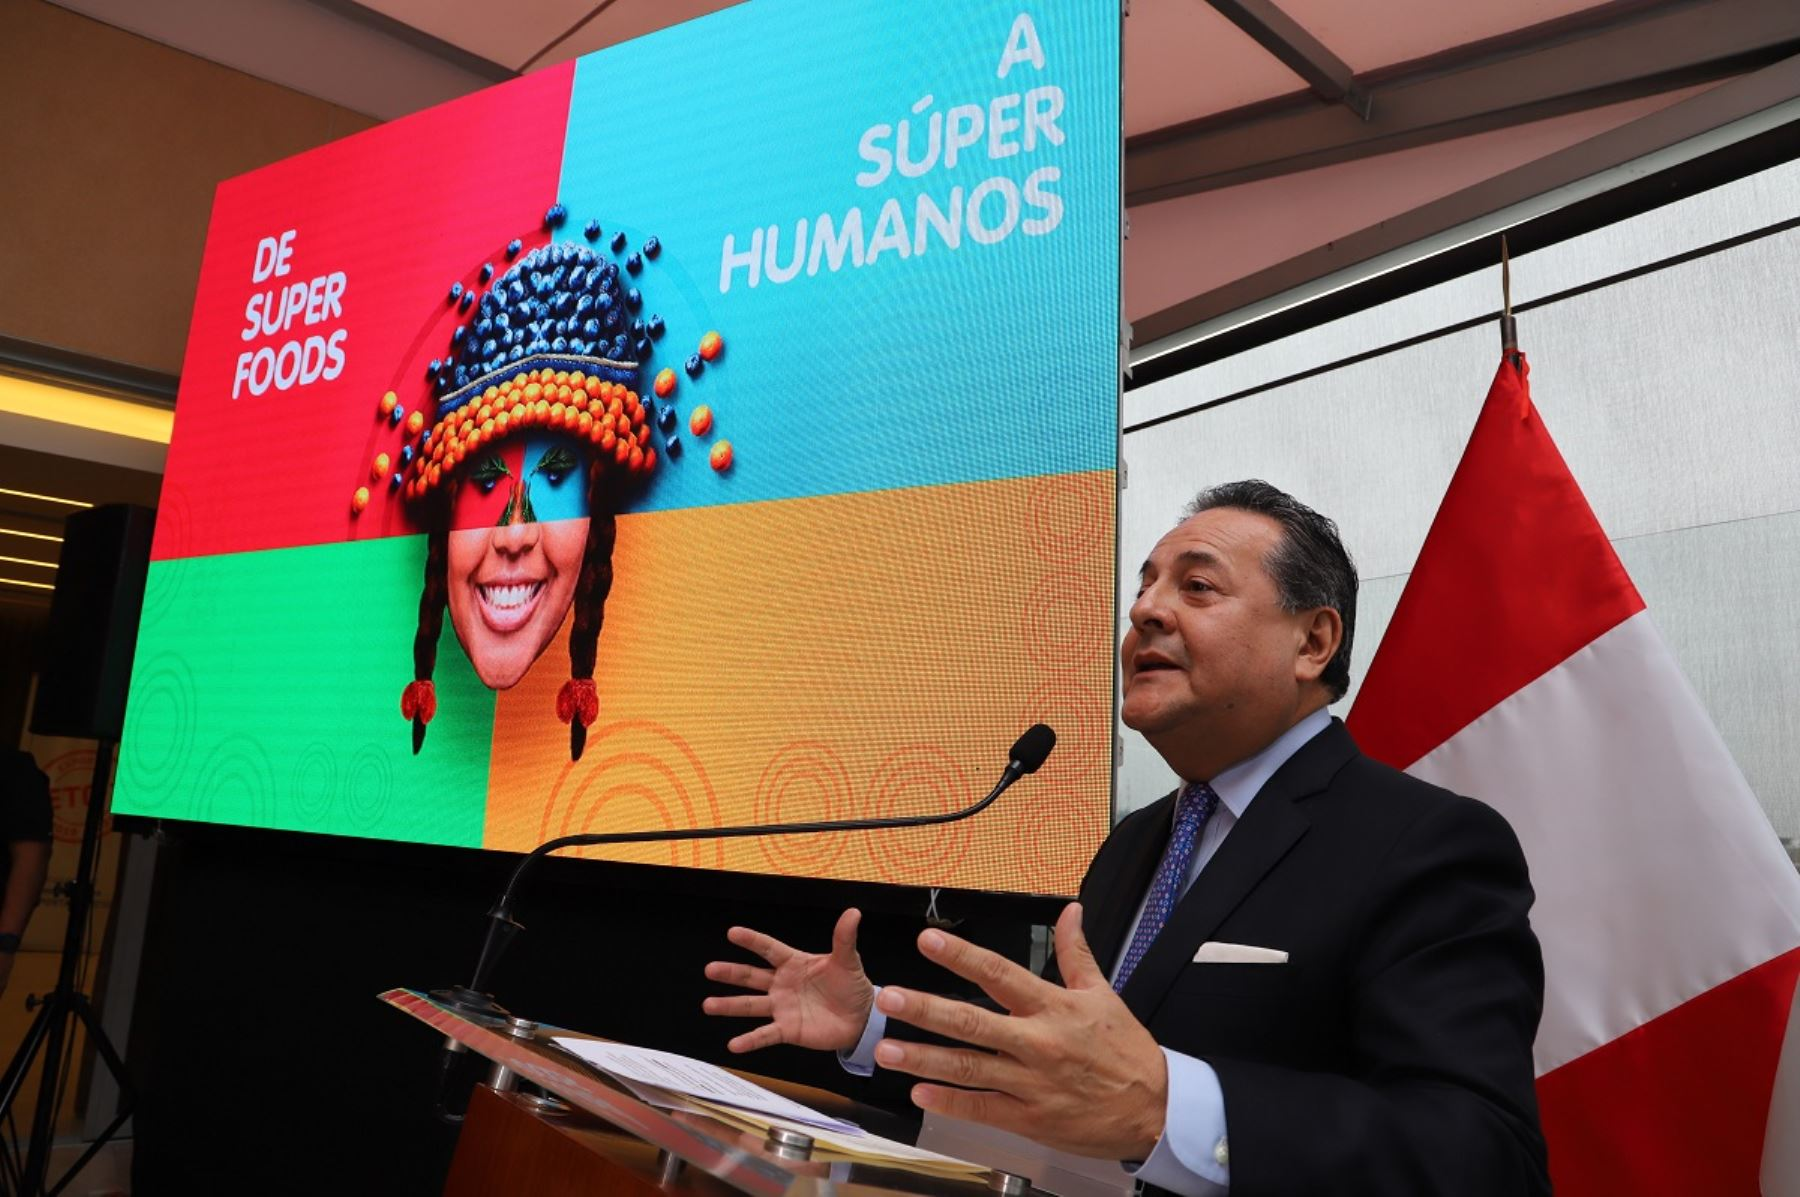 Presidente de Adex, Alfonso Velásquez, presenta la Expoalimentaria 2019. Foto: Cortesía.